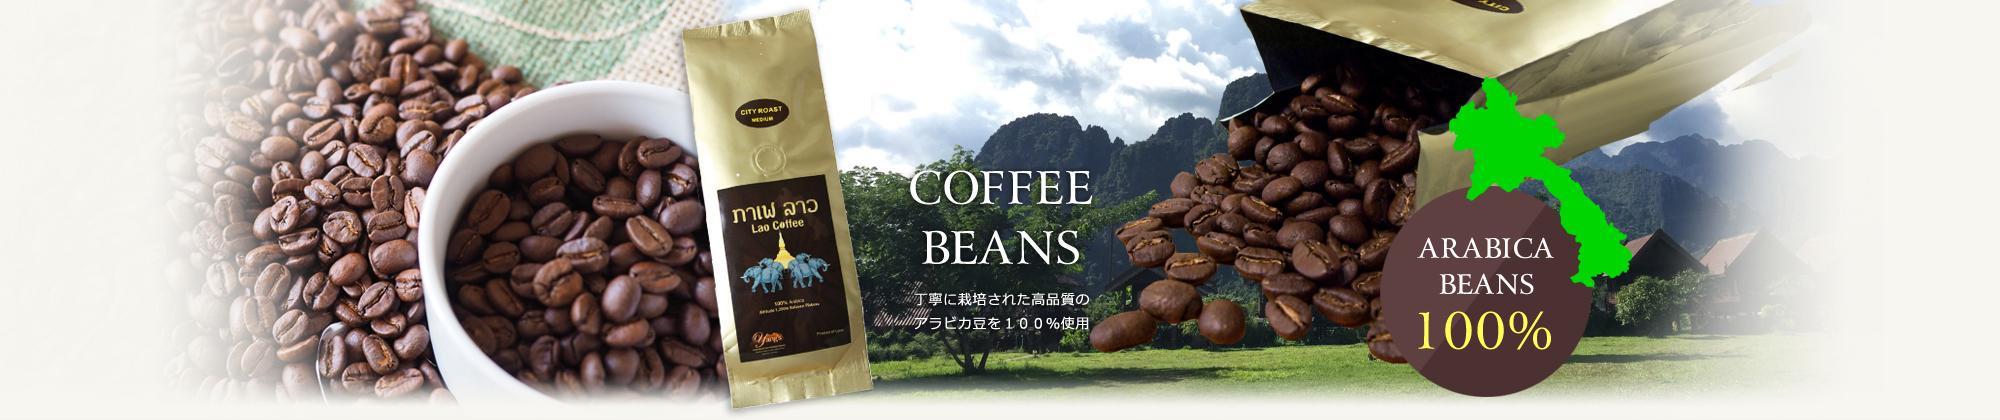 椰子屋メインイメージ コーヒー豆